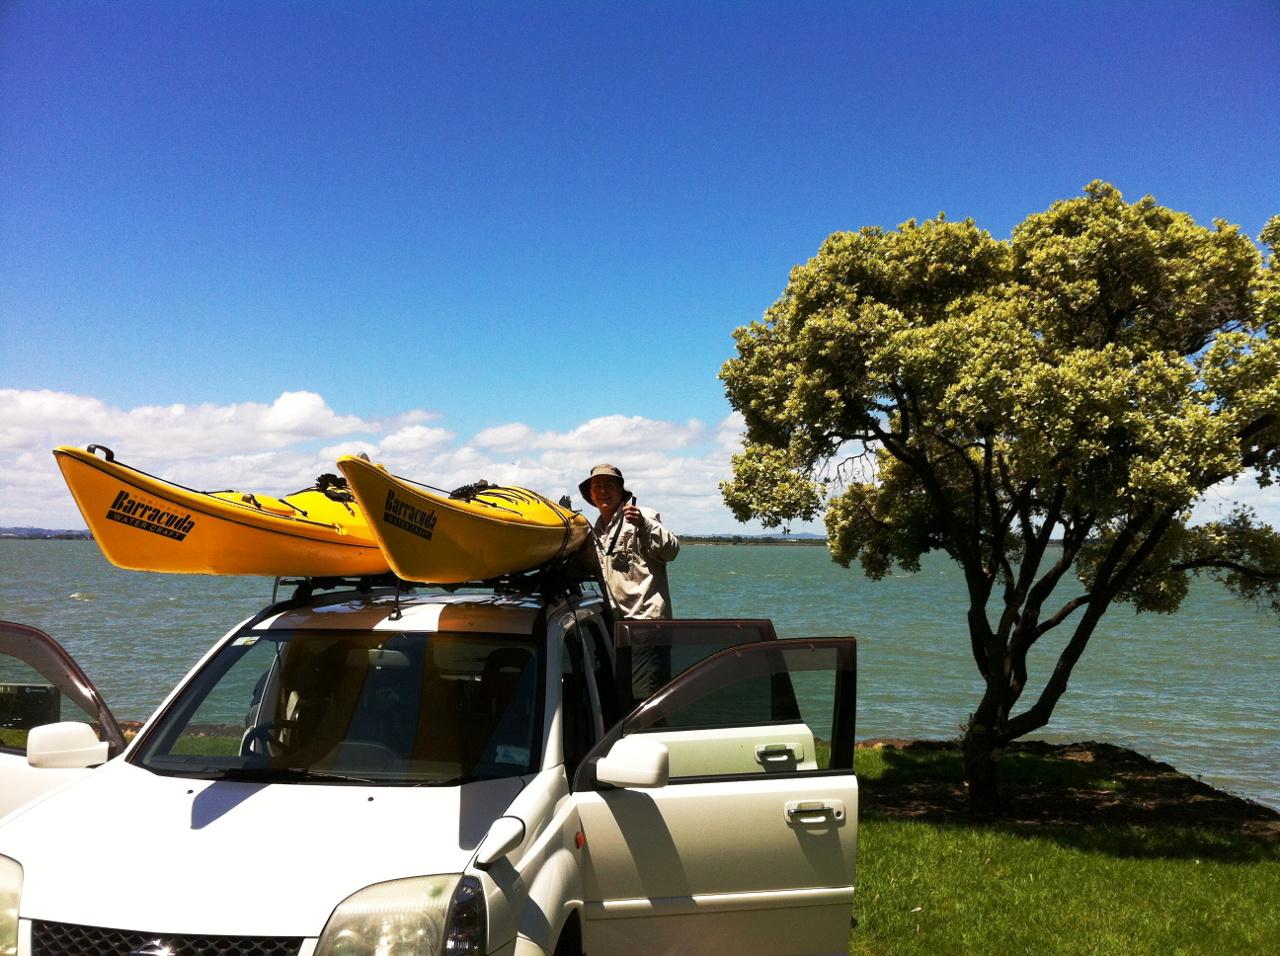 Waikowhai to Onehunga Bay